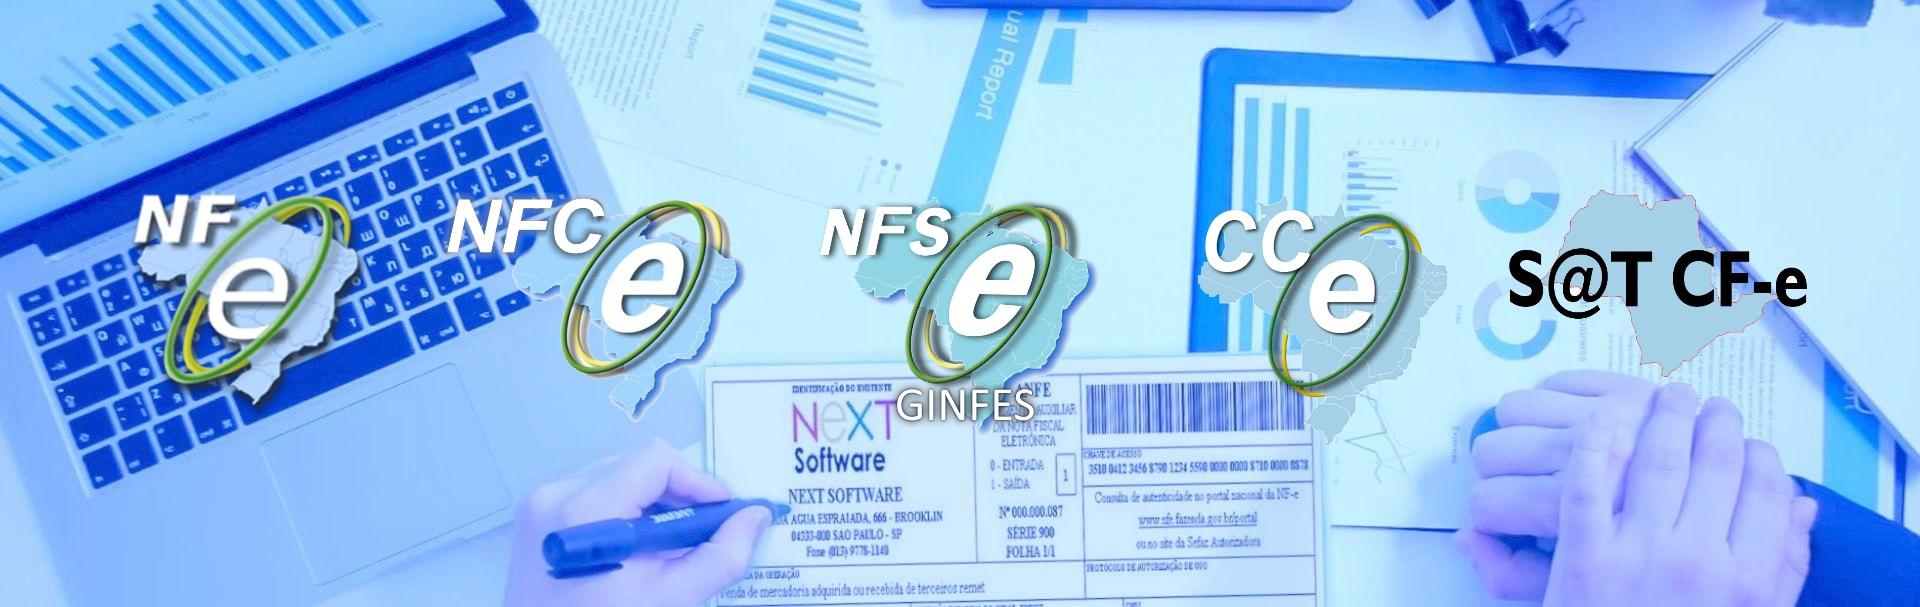 NeXT ERP para Auto Center - Sistema gerencial completo com Emissão de NF-e | NFS-e | CC-e | NFC-e | SAT